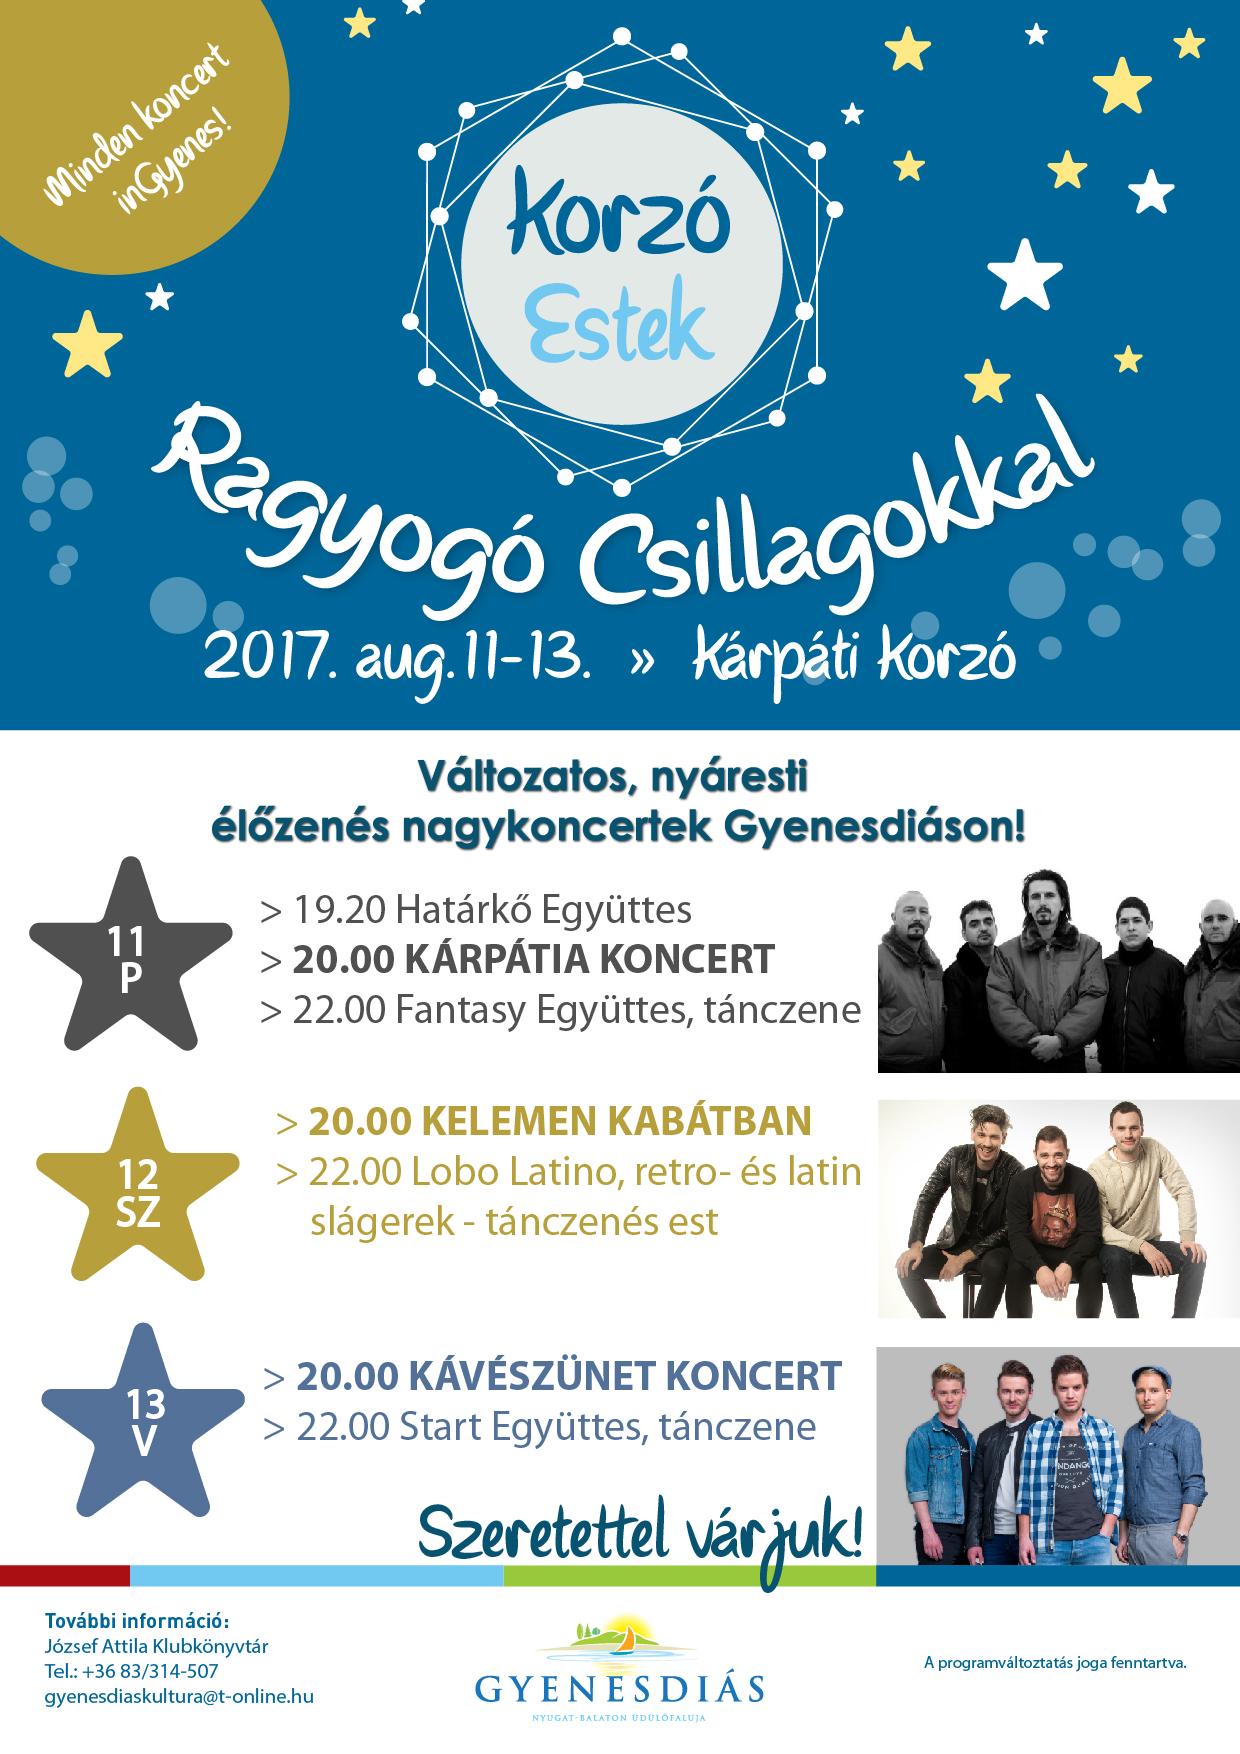 Korzó Estek 2017_online-01